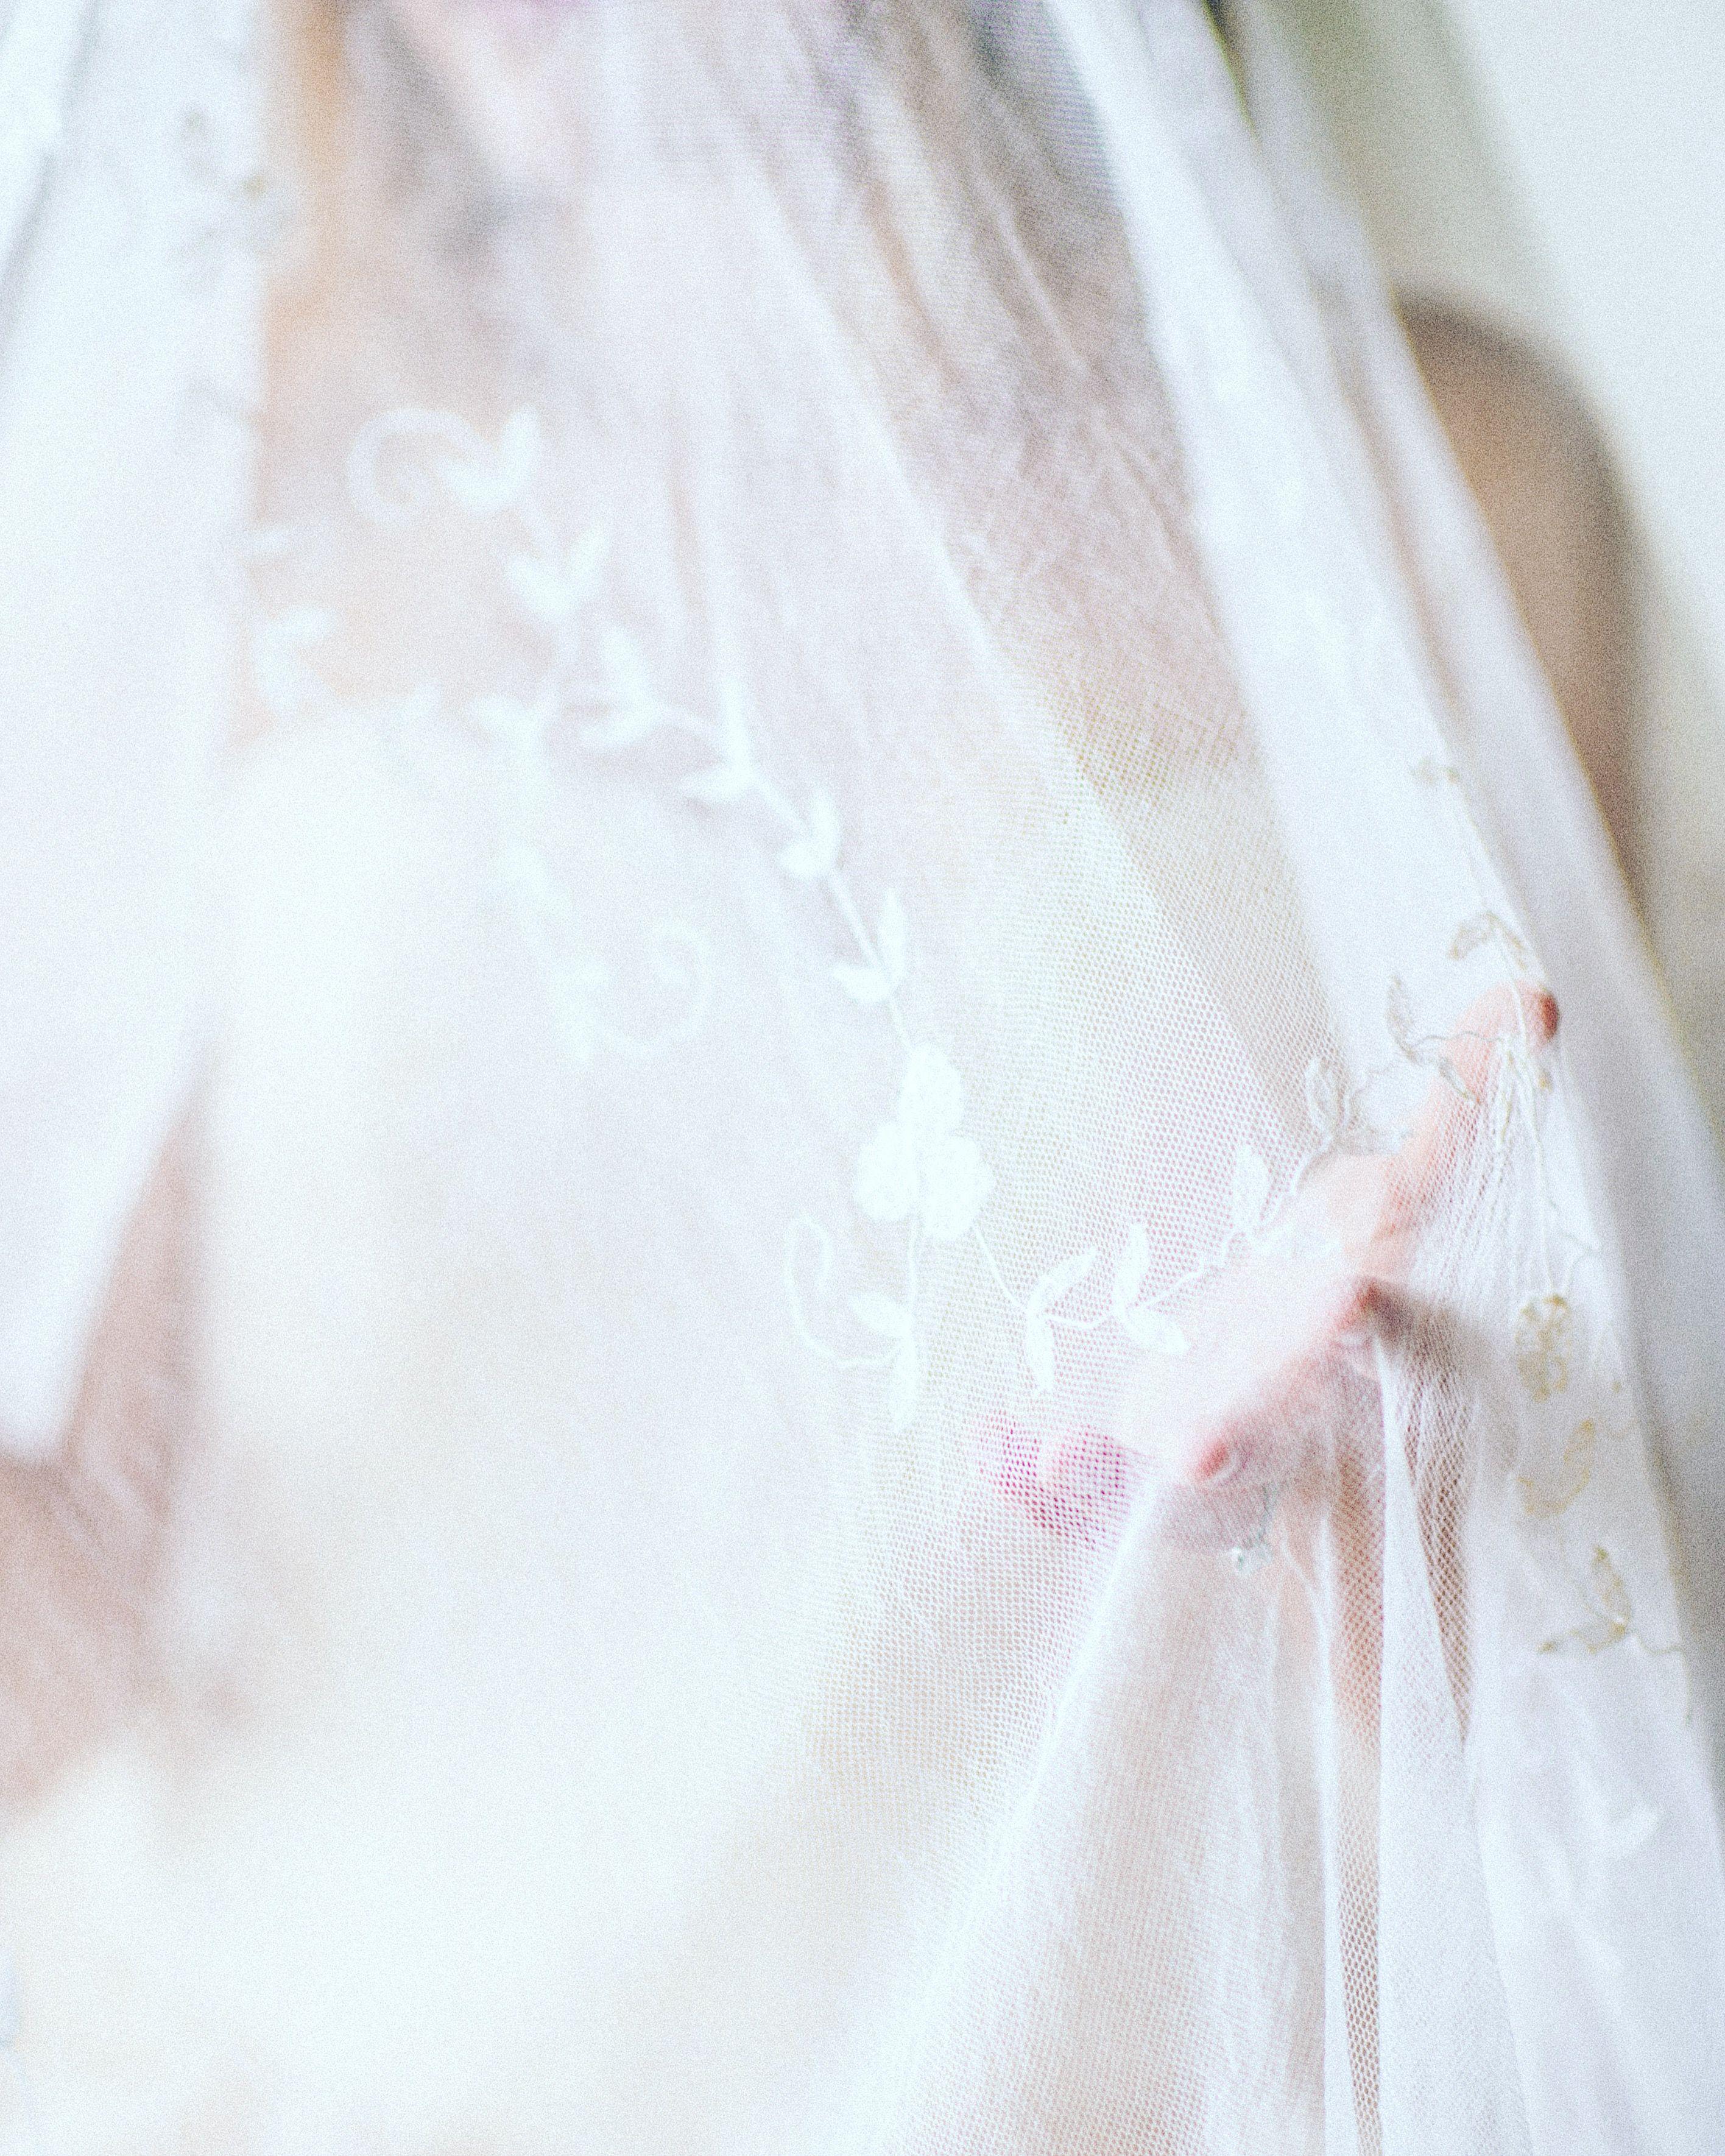 Floral detailed veil 💕